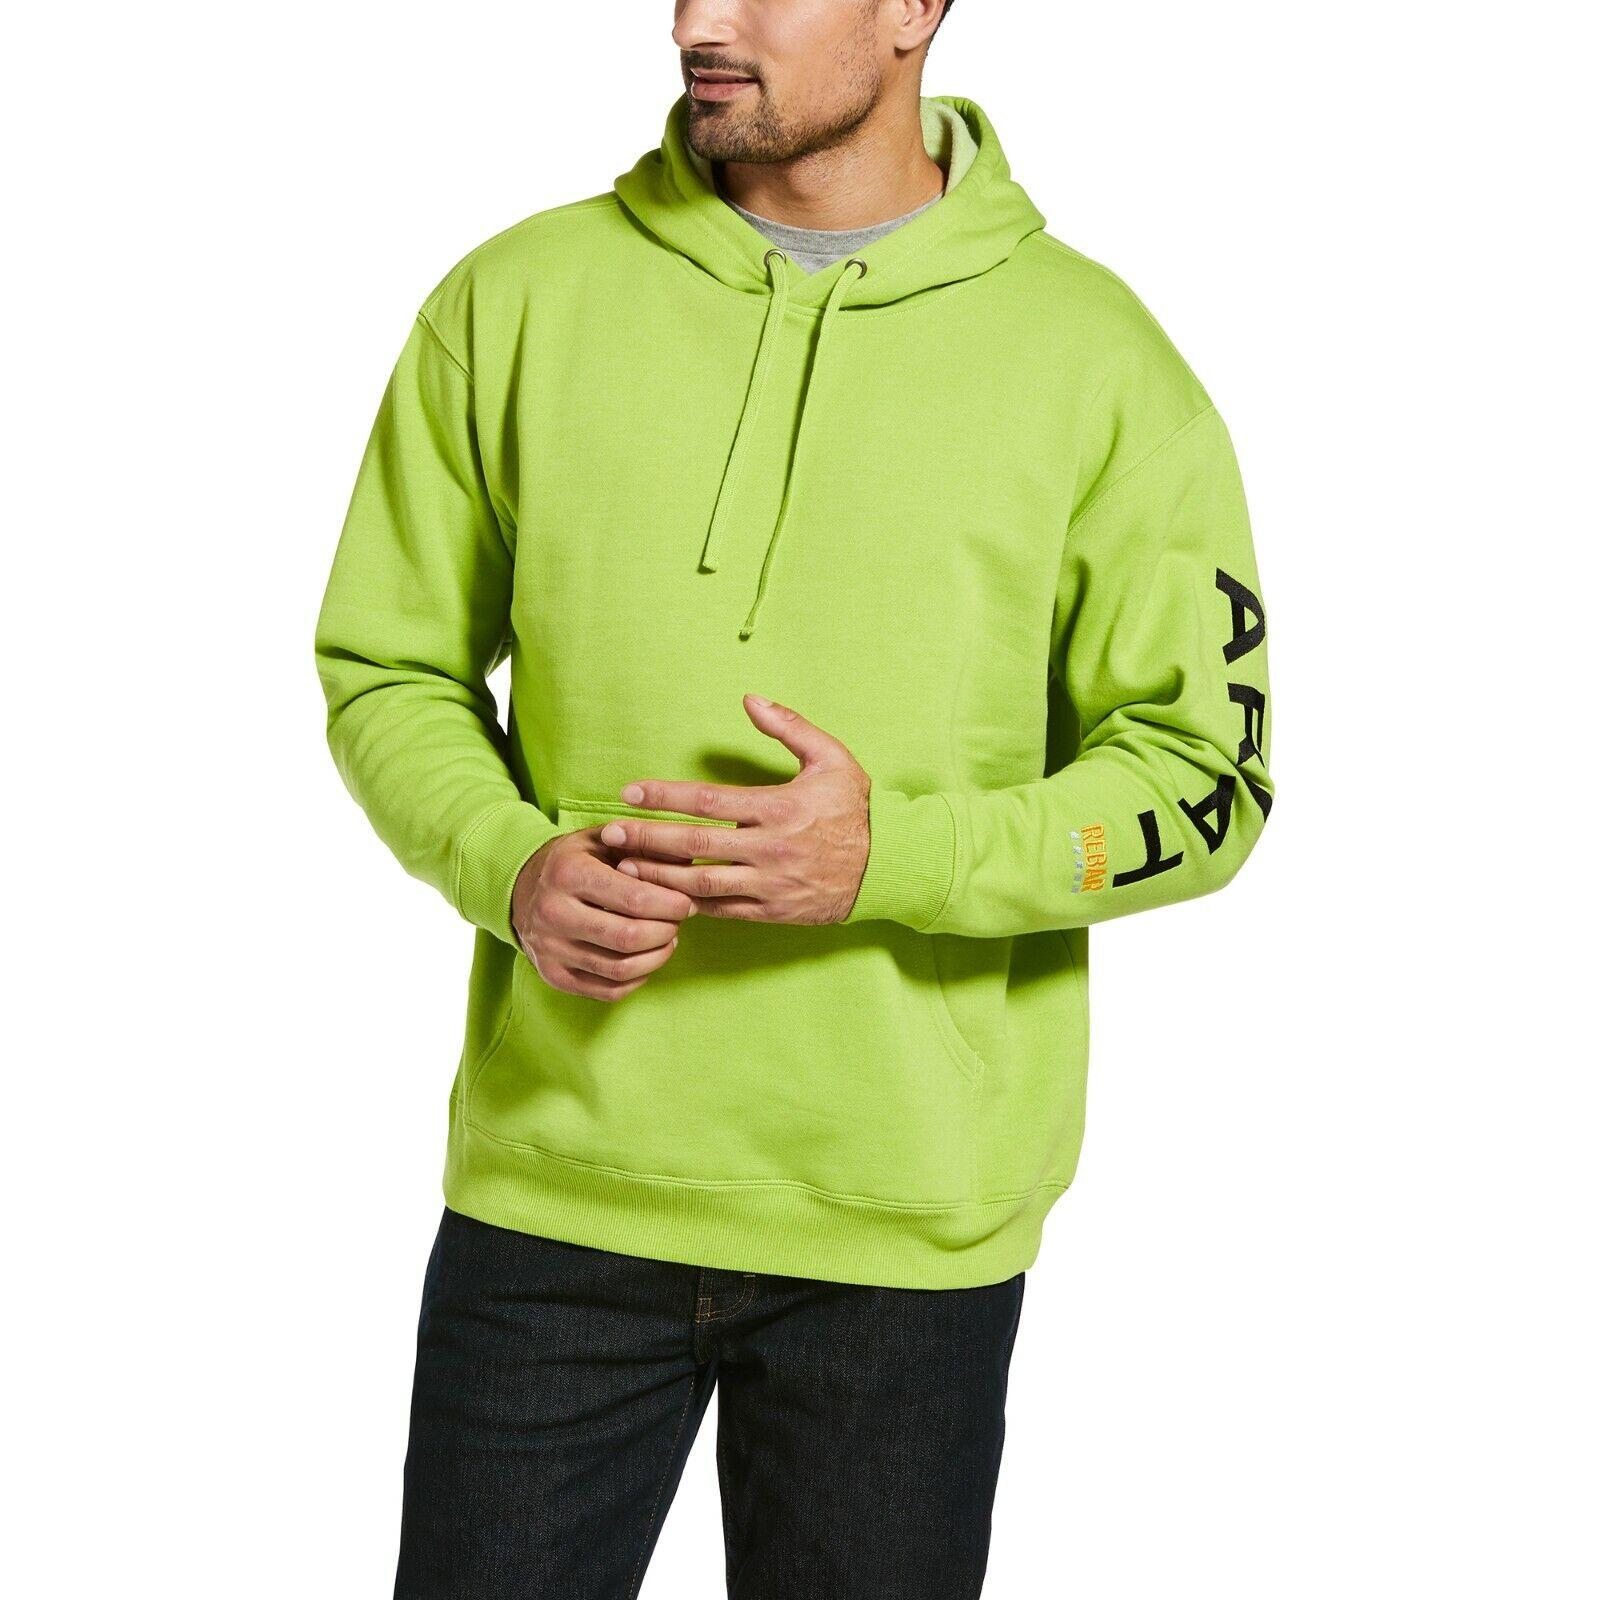 Ariat Men's Rebar Graphic Logo Lime Green & Black Work Hoodi